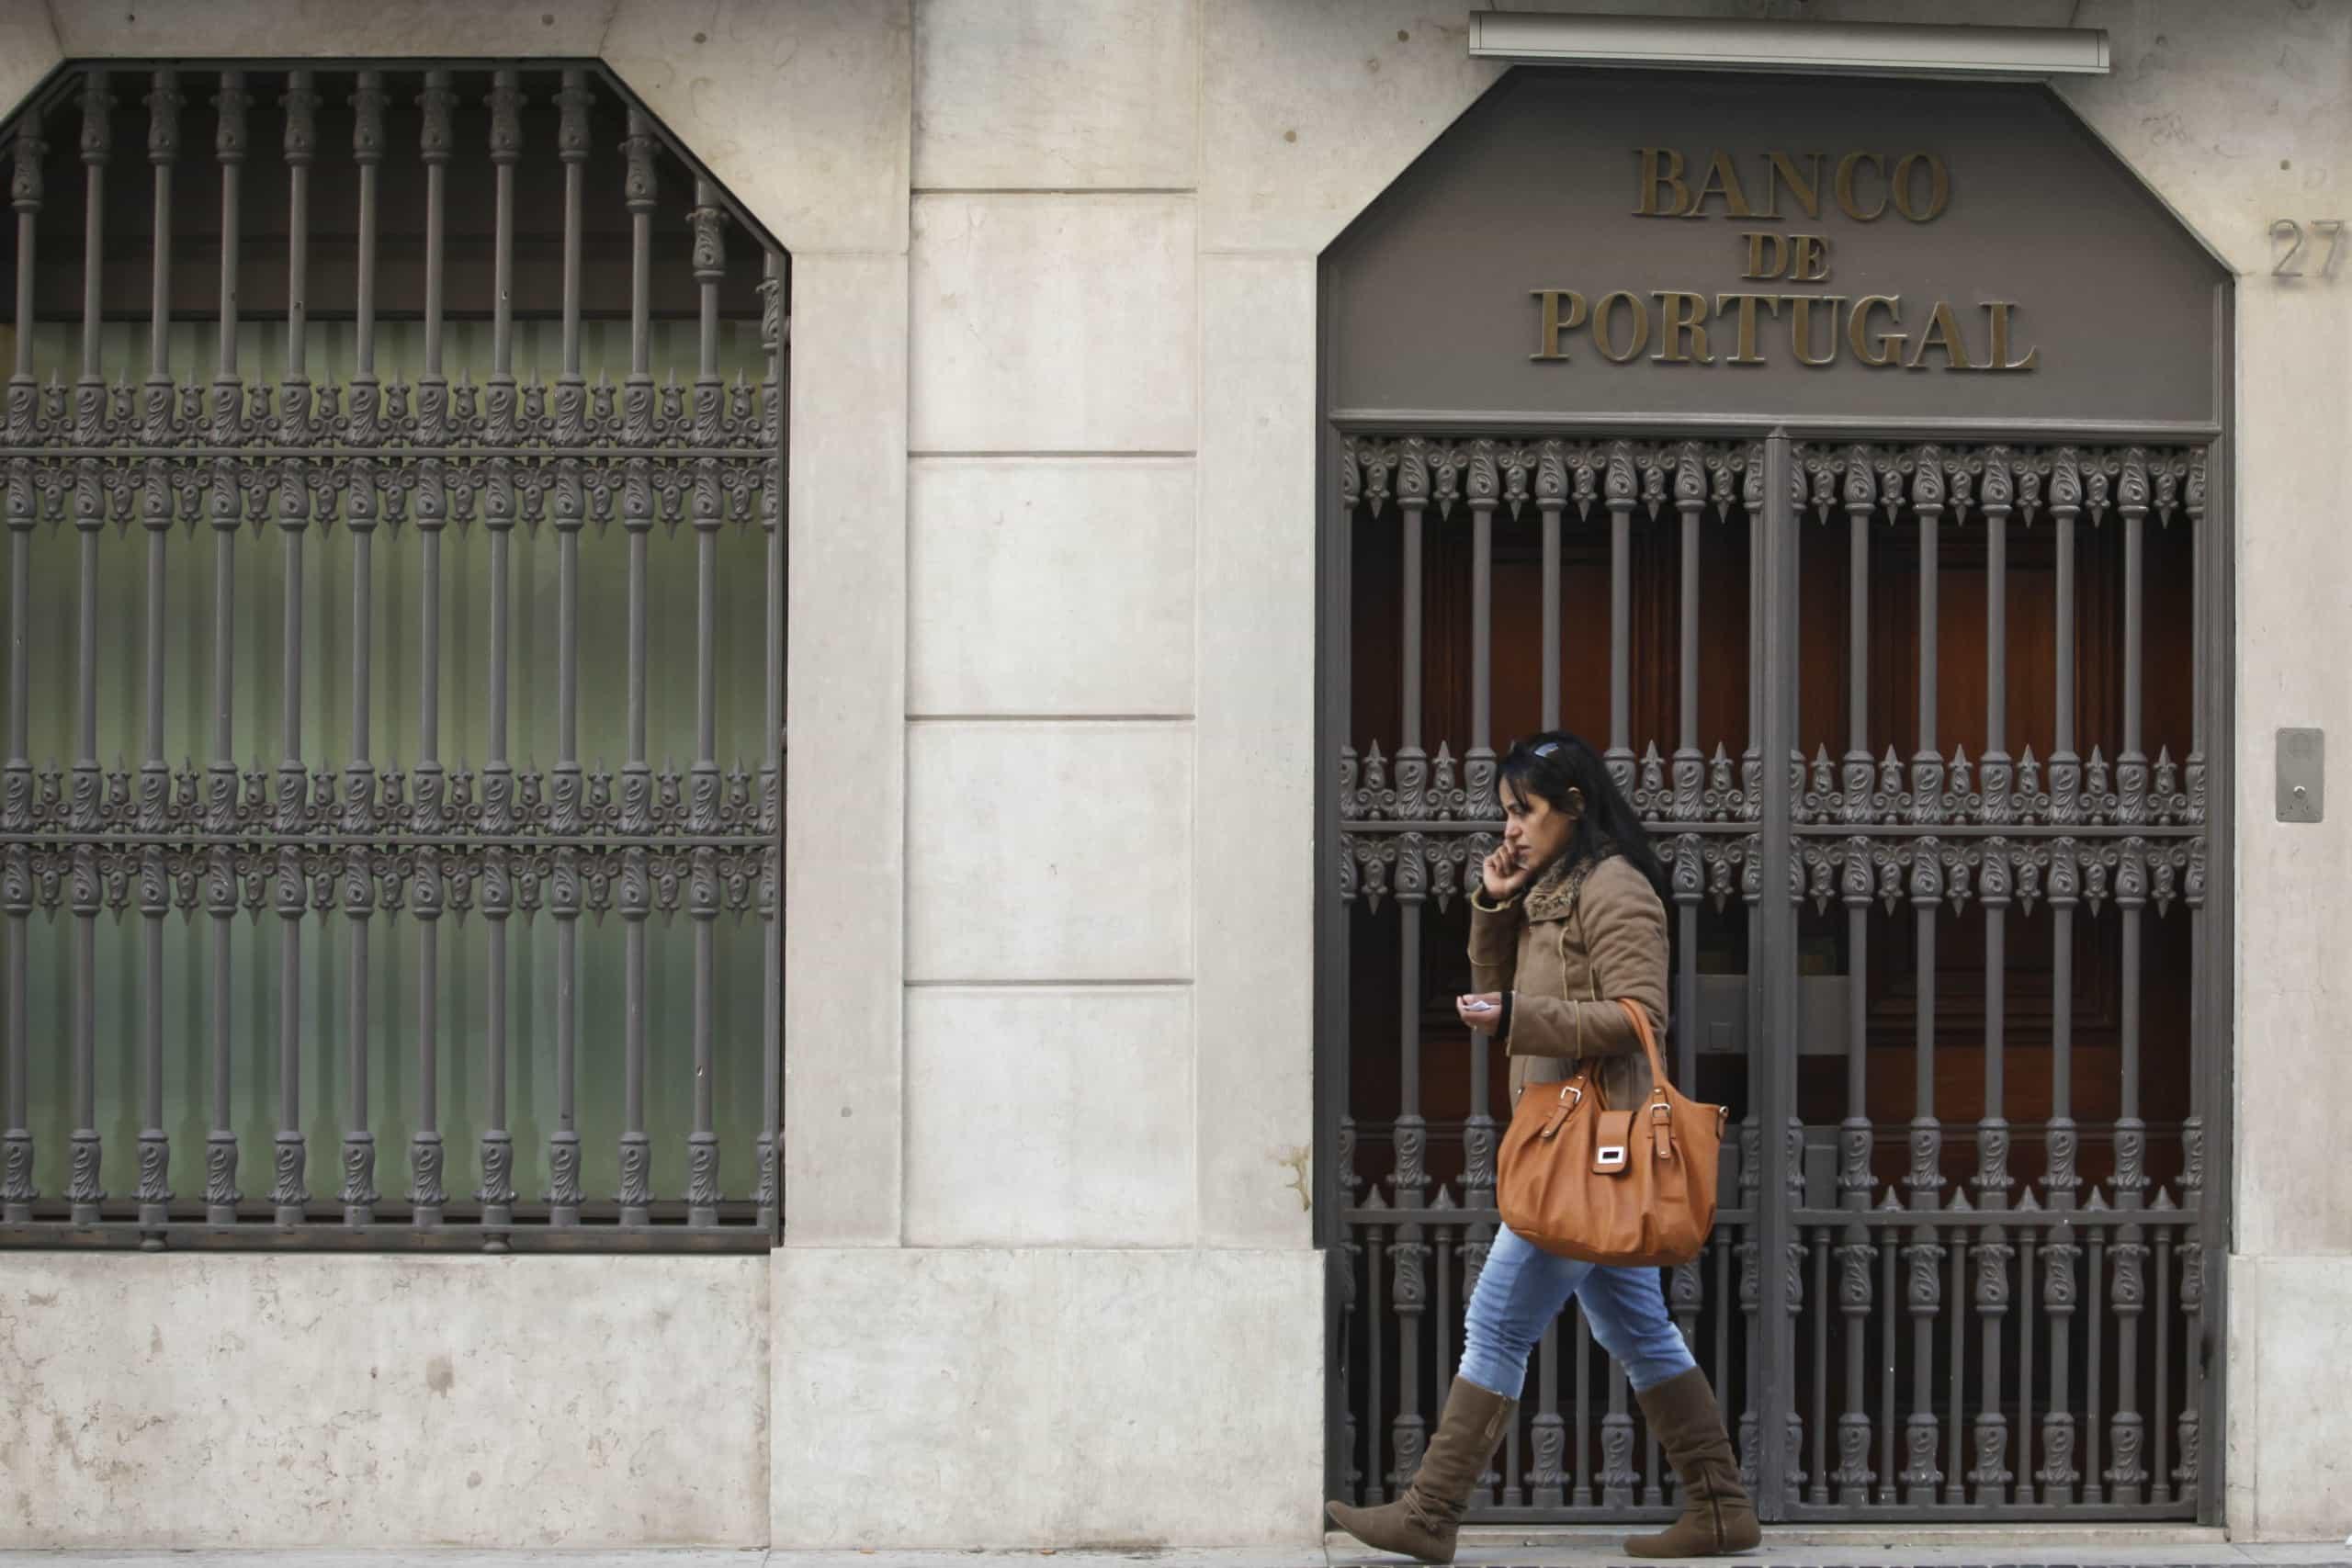 Banco de Portugal piora previsões de crescimento. Vê PIB a aumentar 1,7%